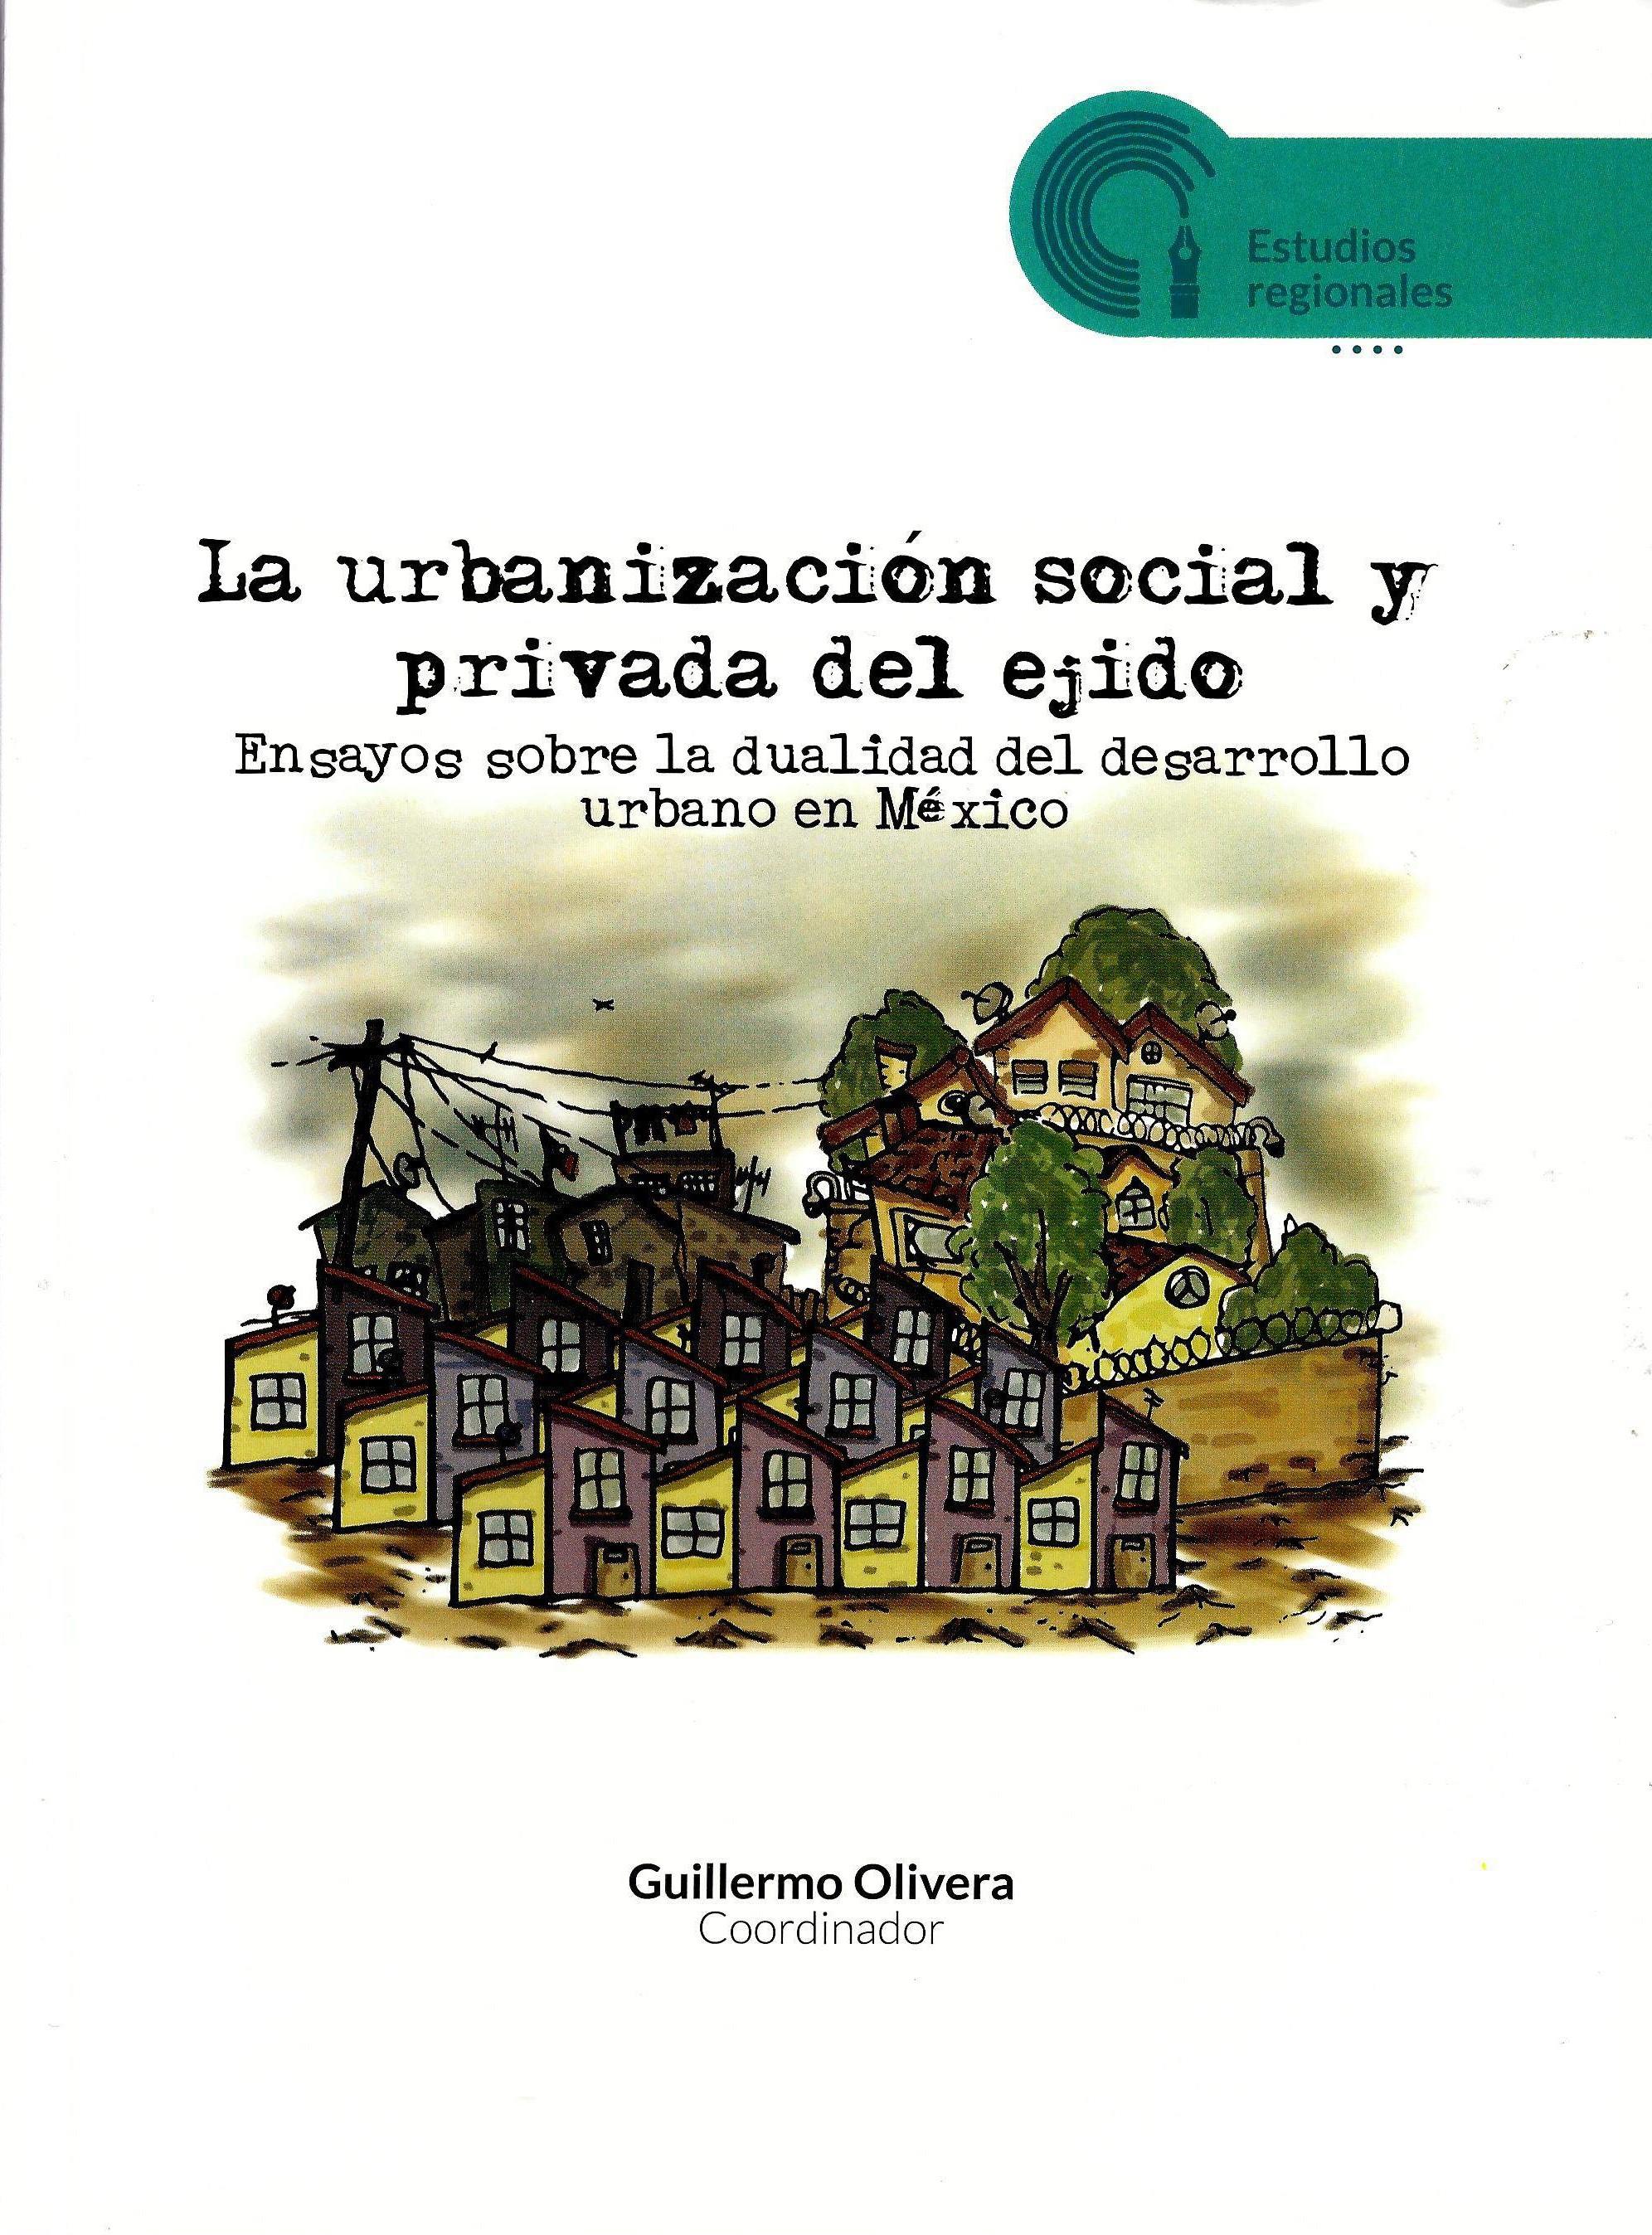 La urbanización social y privada del ejido